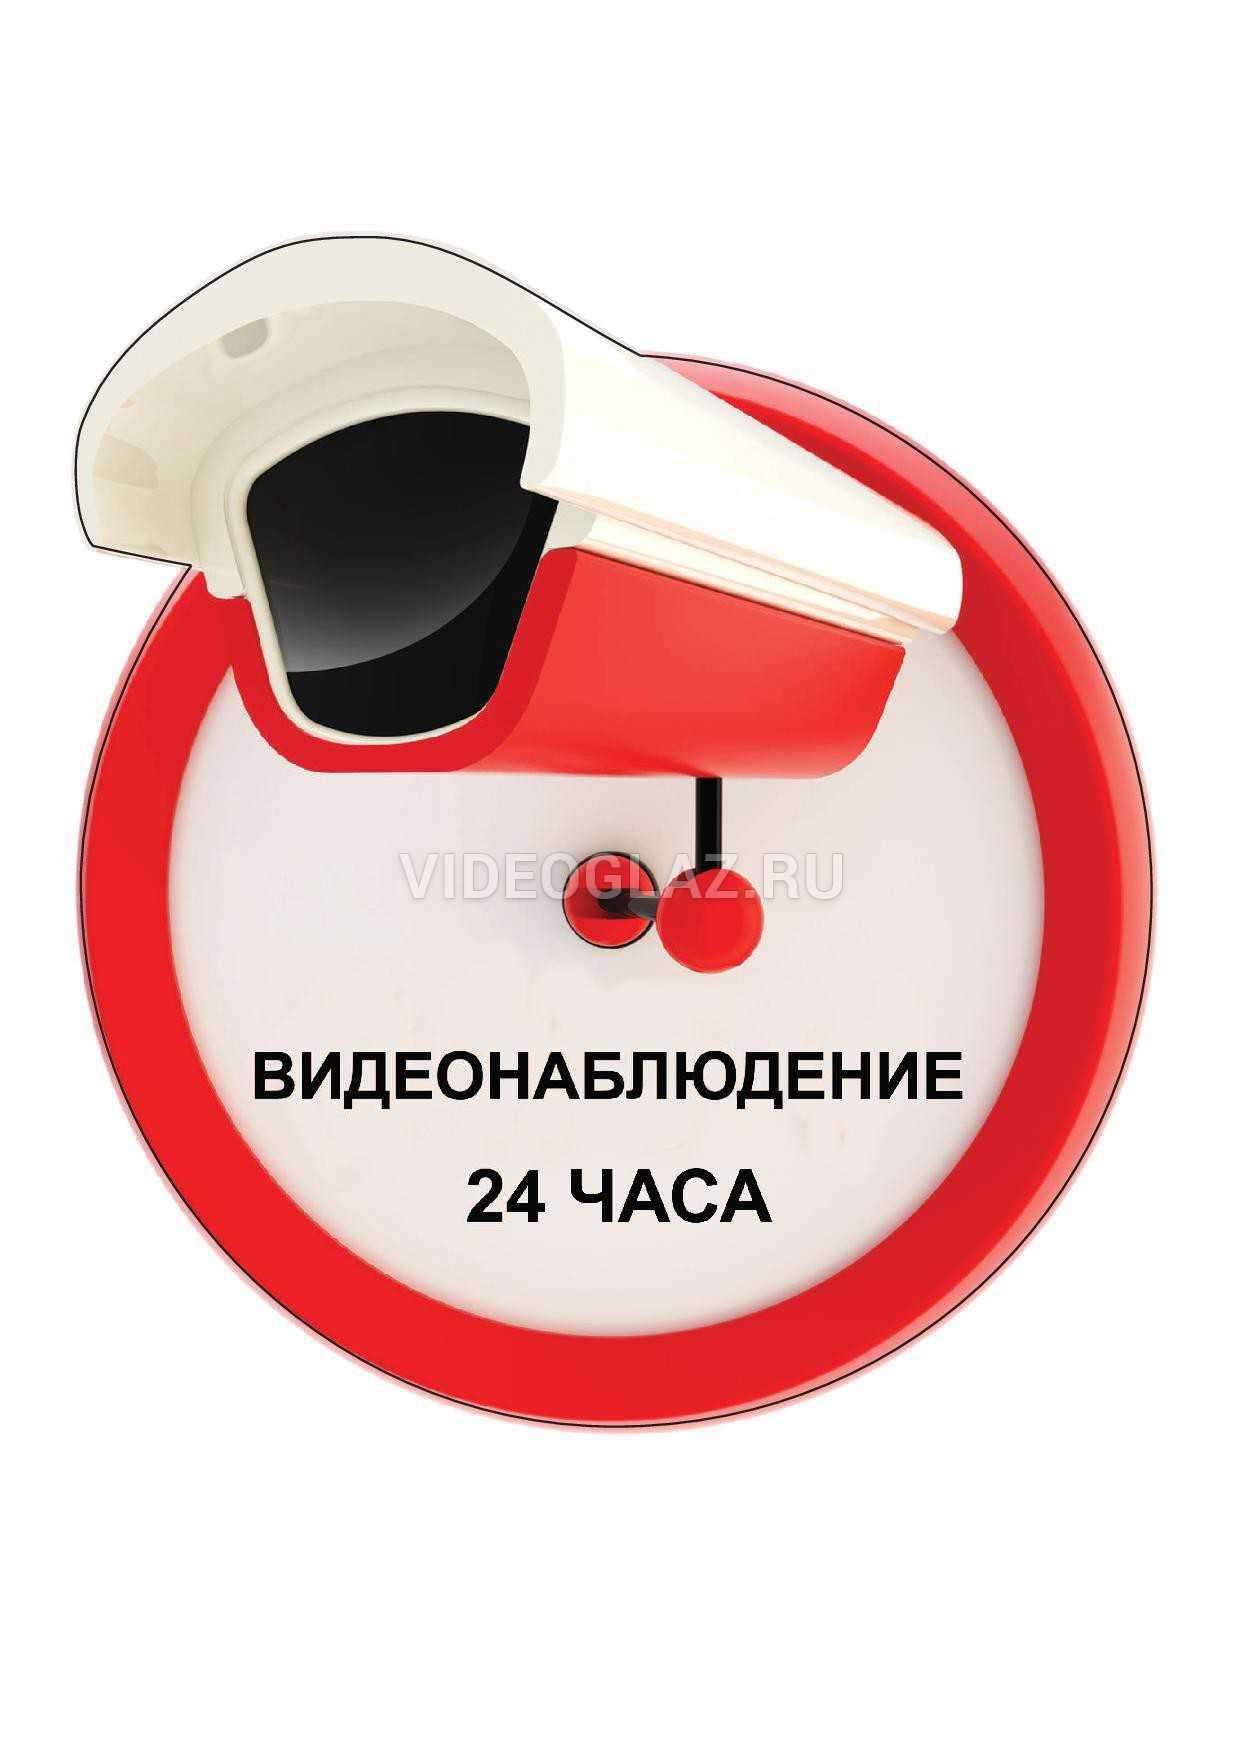 """Наклейка самоклеющаяся """"Видеонаблюдение 24 часа"""" красная всепогодная с ламинацией"""